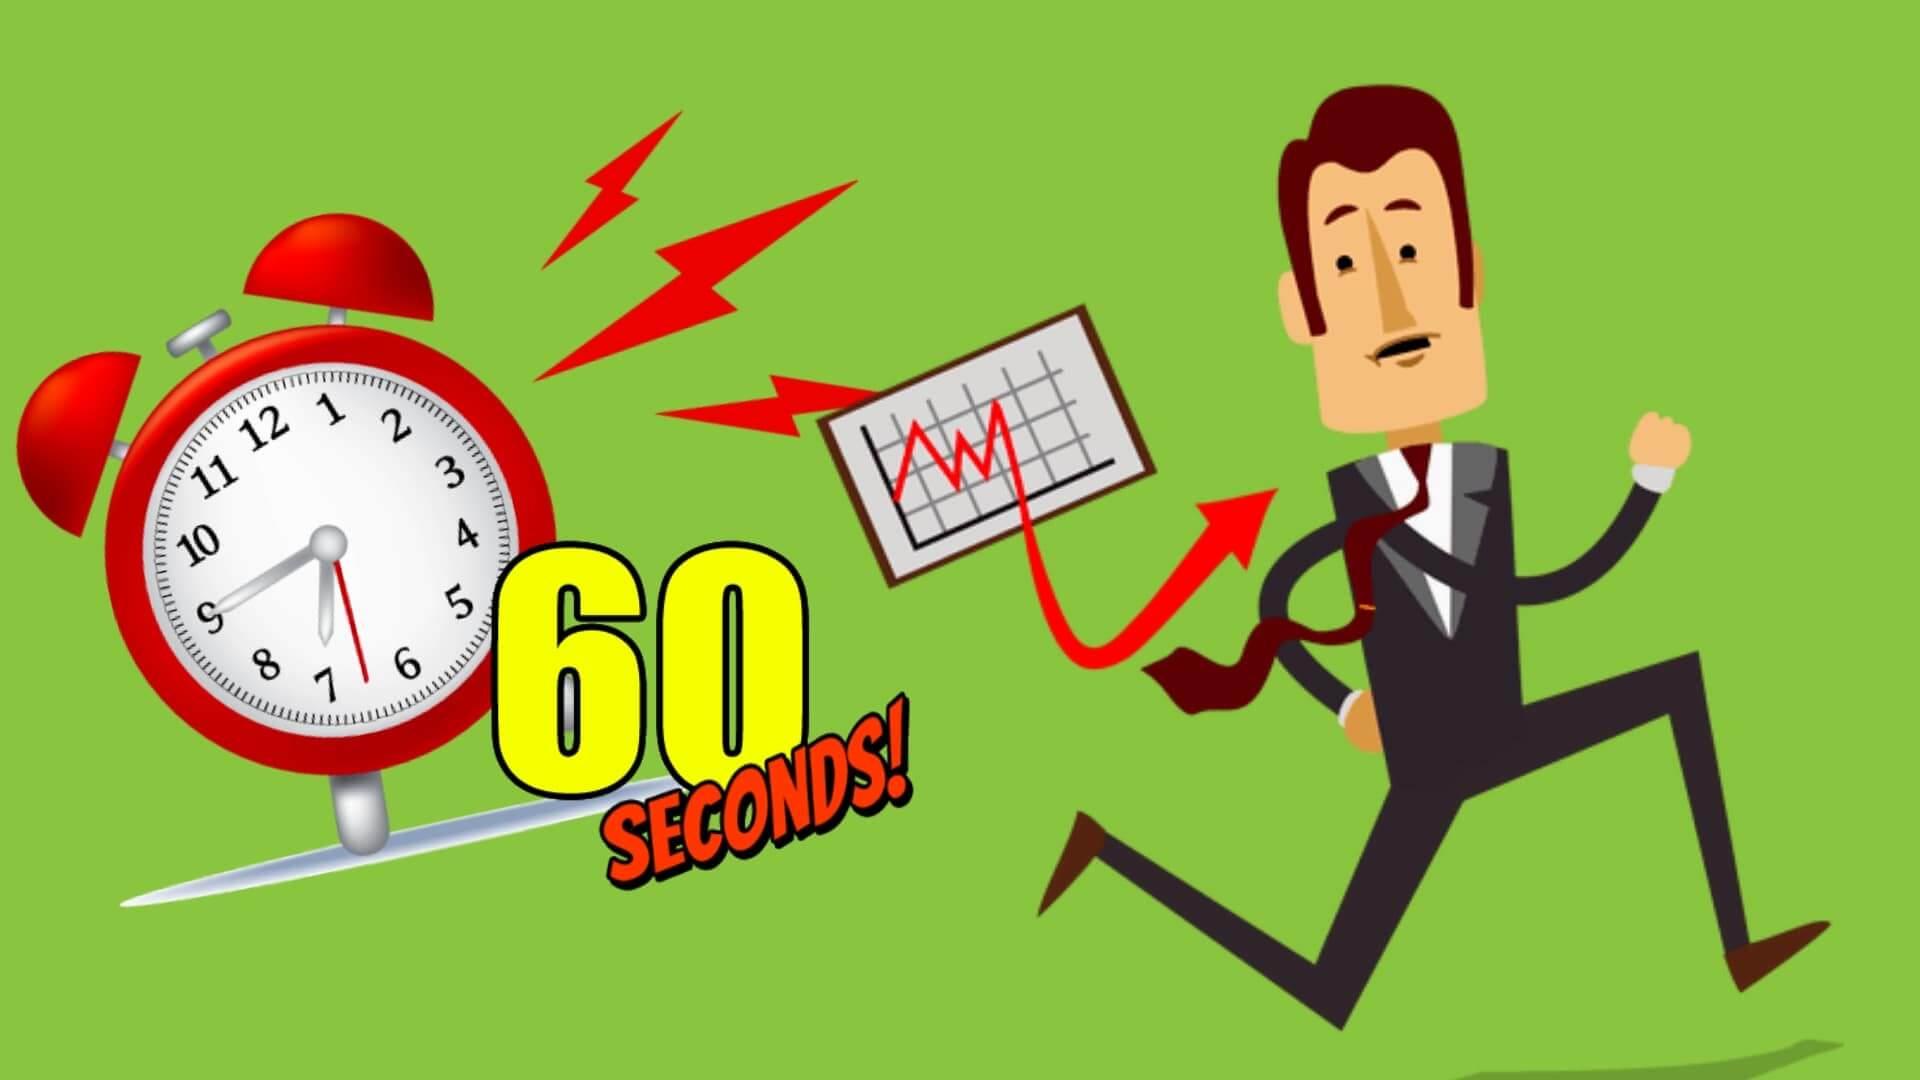 ADX ile EMA Stratejisini Birleştirerek IQ Option'da 60 Saniyelik Opsiyonlarla Nasıl Ticaret Yapılır